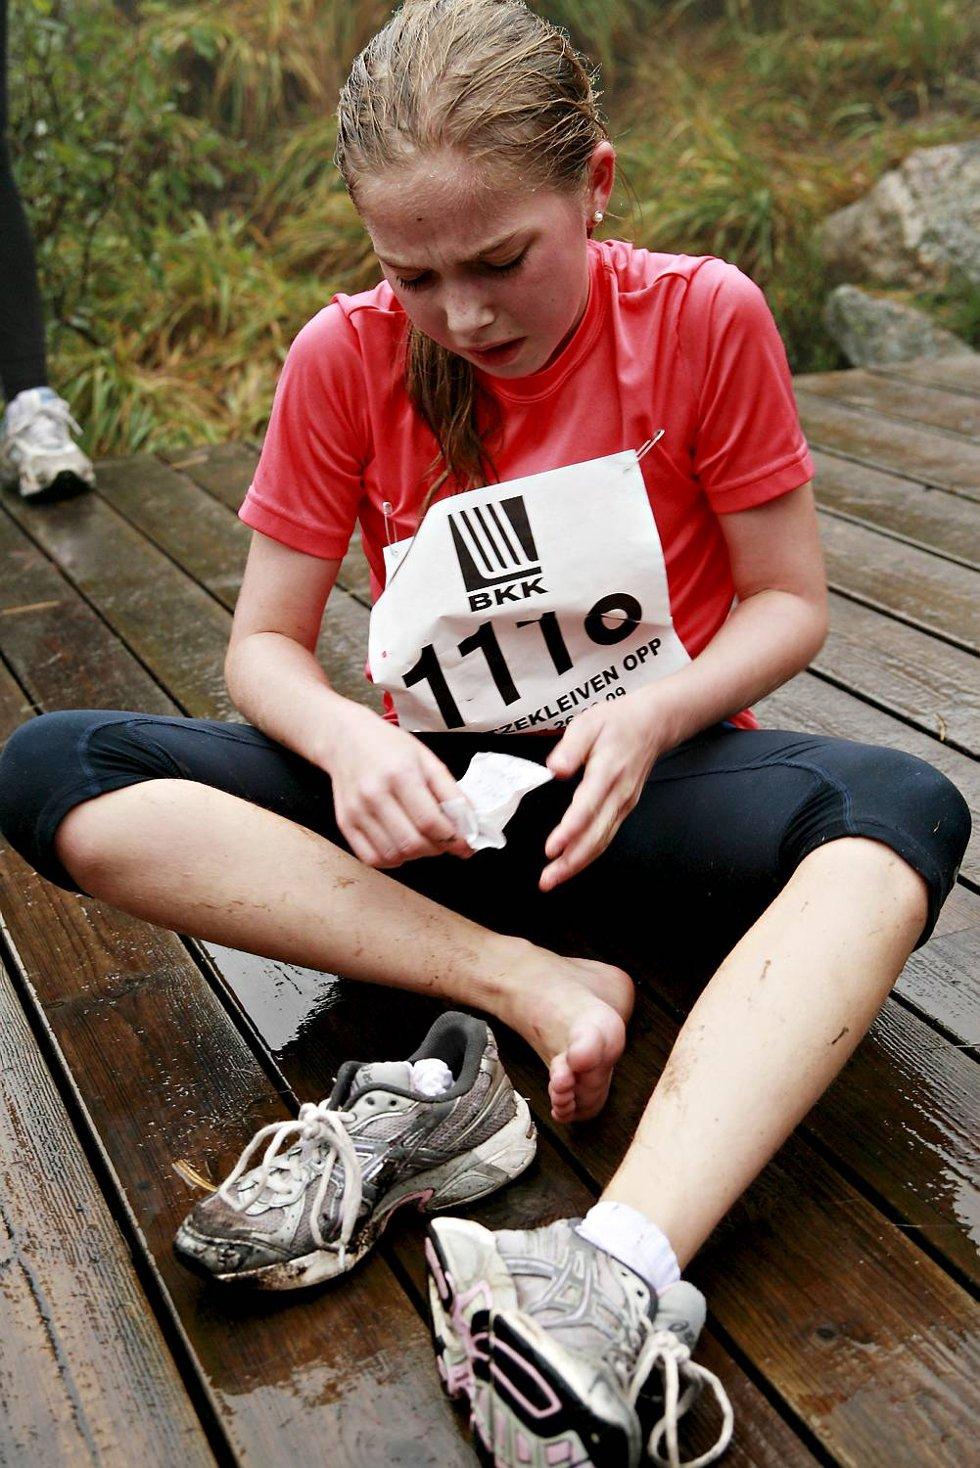 Silje Amalie Grindedal perset med fem sekunder, men hadde vondt i bena på toppen fordi hun hadde dårlige sko.              (Foto: Nikita Solenov)